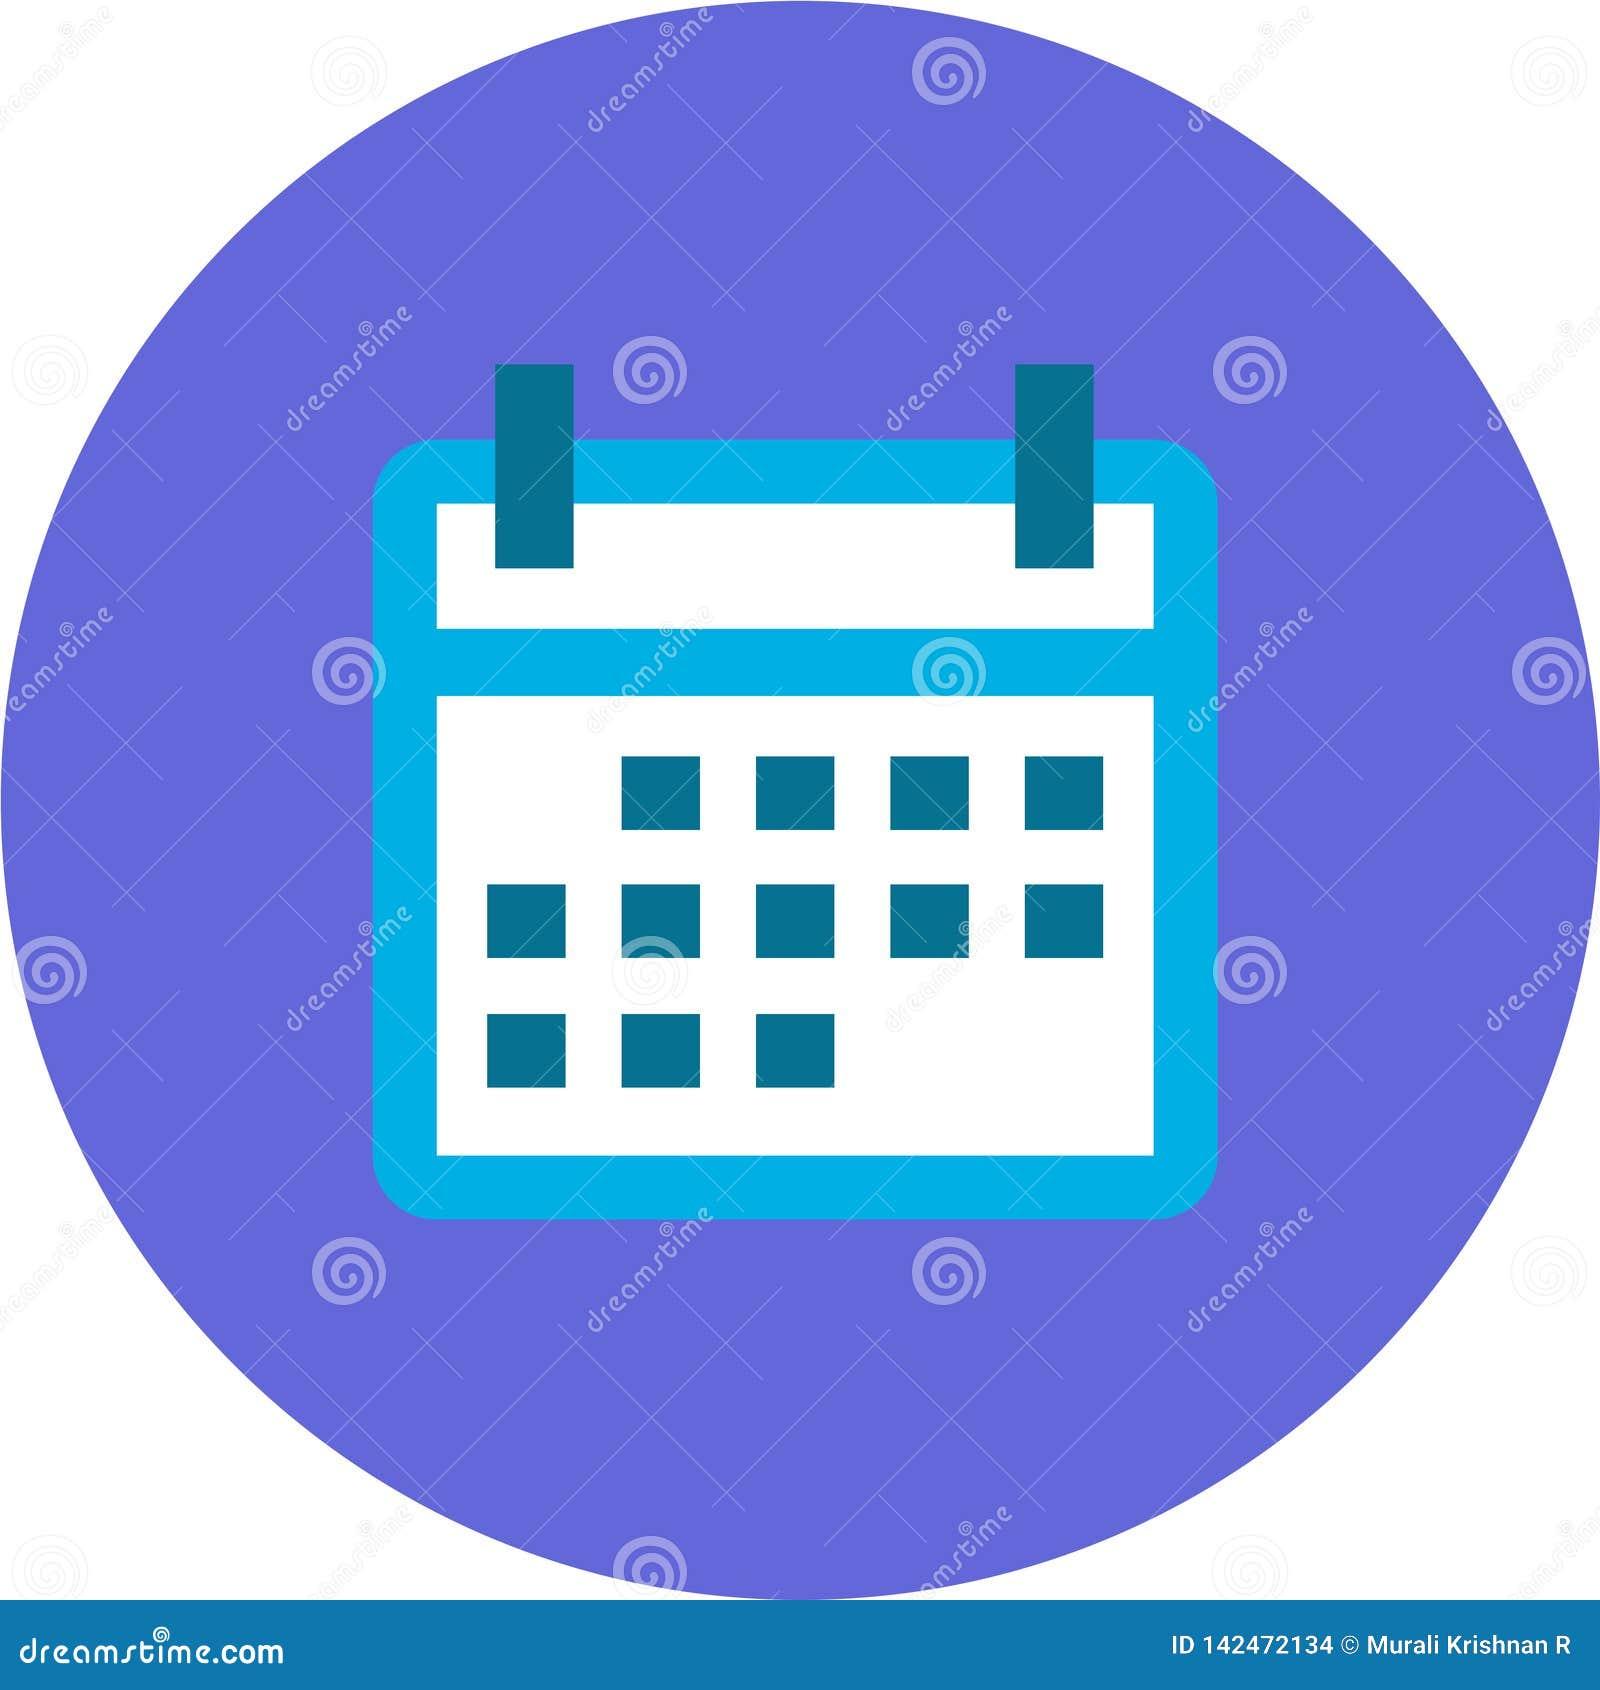 Ημερολογιακό εικονίδιο για τις αρρενωπές, IOS εφαρμογές και τις εφαρμογές Ιστού